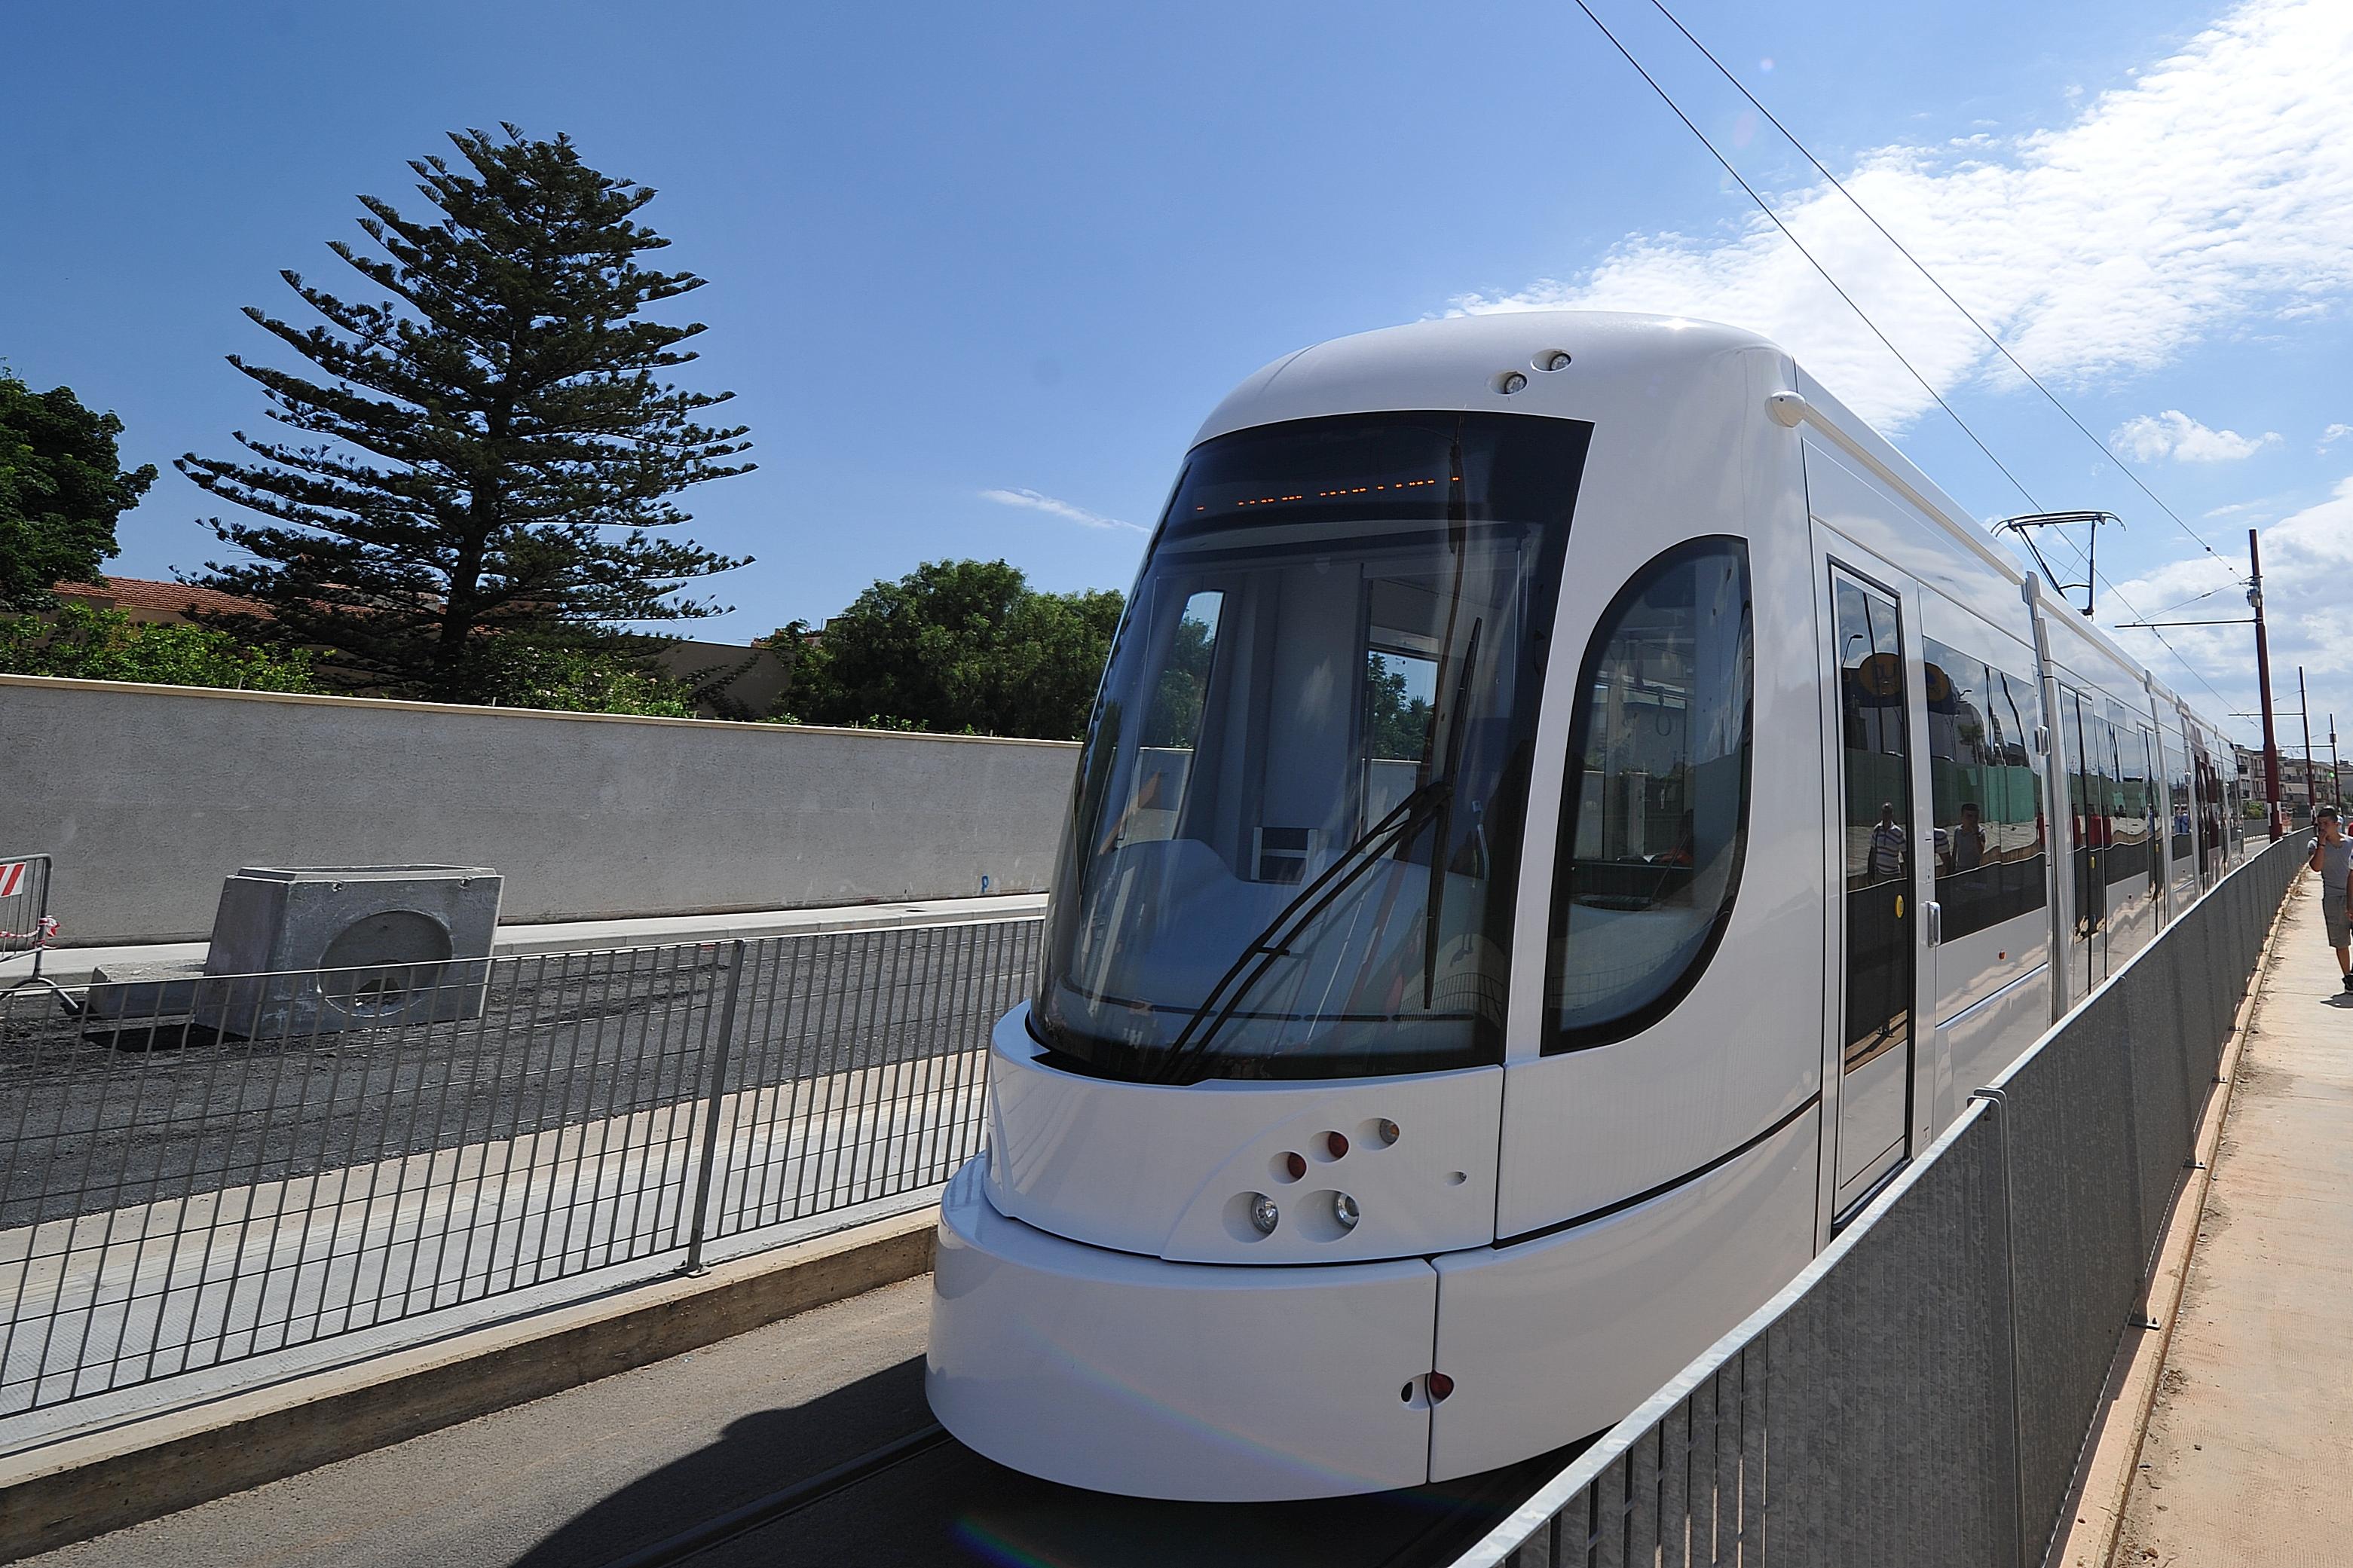 Ufficio Risorse Umane Ikea Catania : Tram arrivano tre nuove linee nel 2021 binari in via libertà live